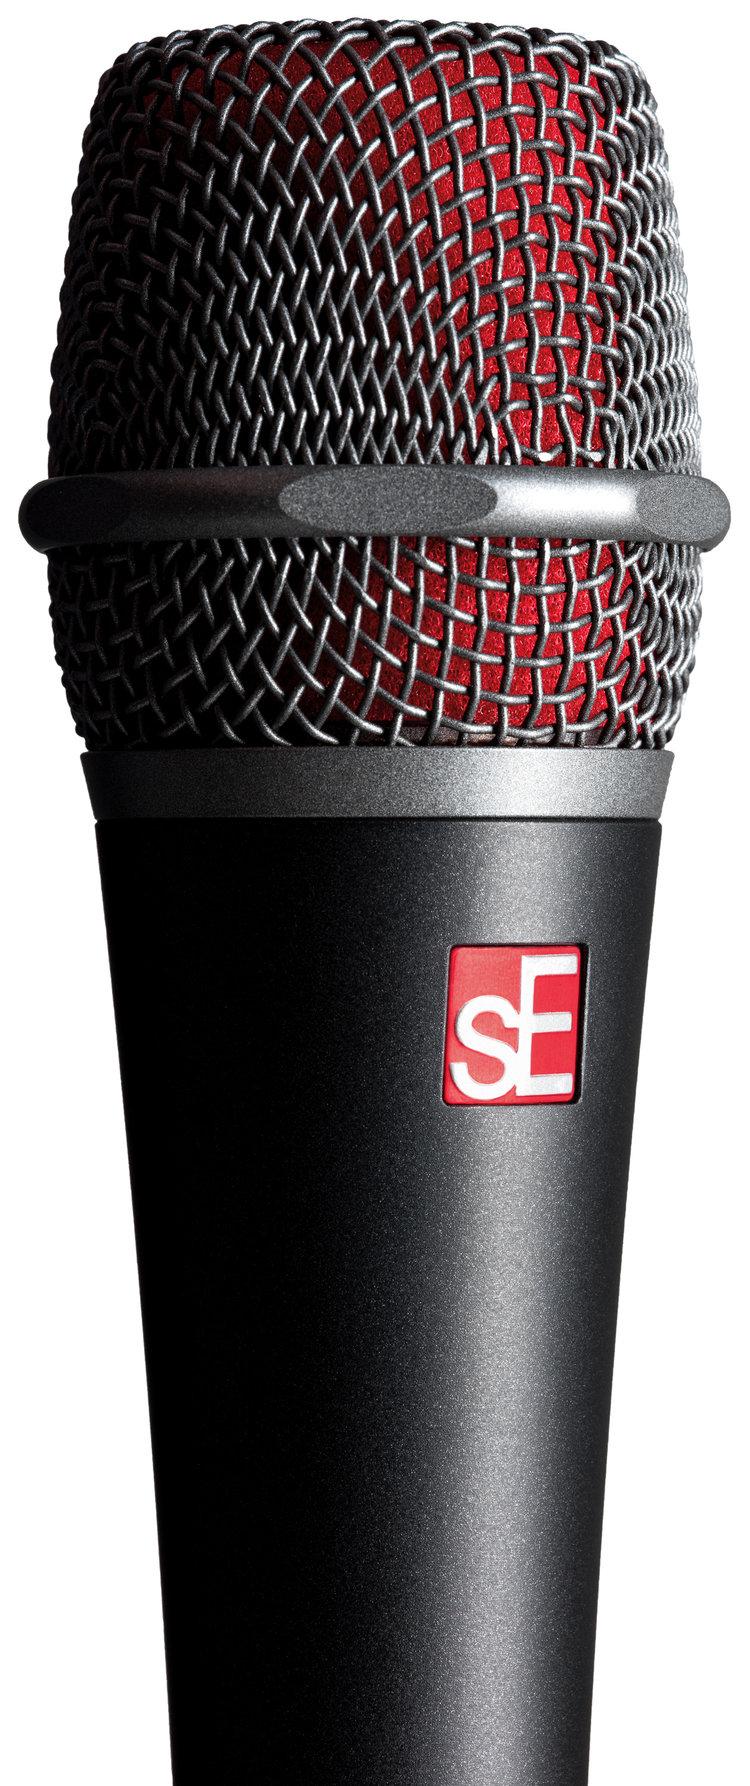 sE-V7-X-glamour-front-6872-web.jpg